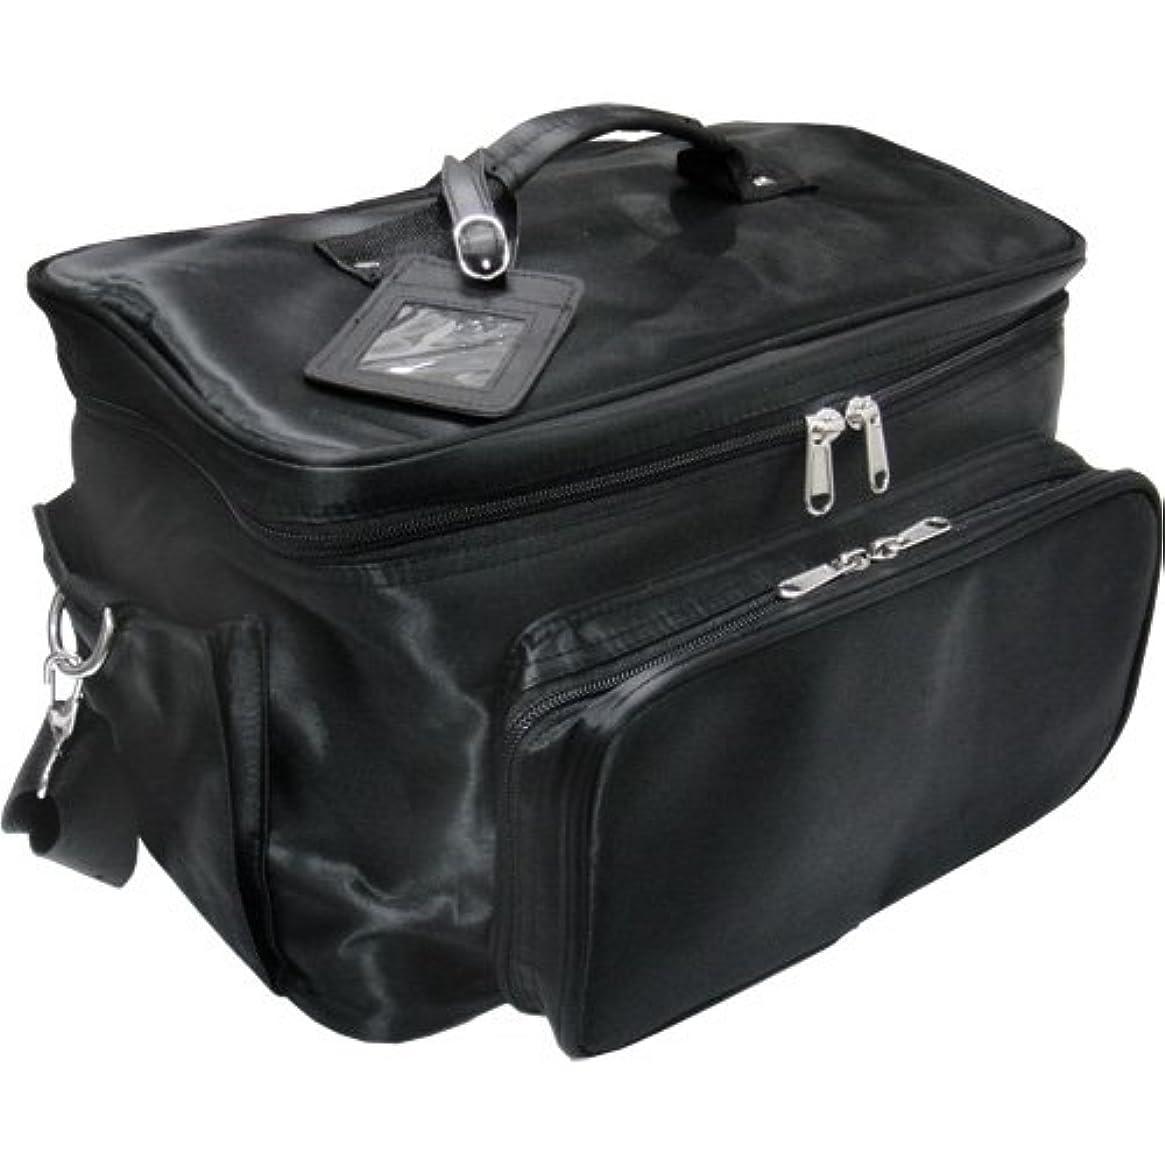 どこ当社利得軽量バニティーバック ブラック コスメバッグ、ネイルバッグ、ネイリストバッグ、ナイロンコスメボックス